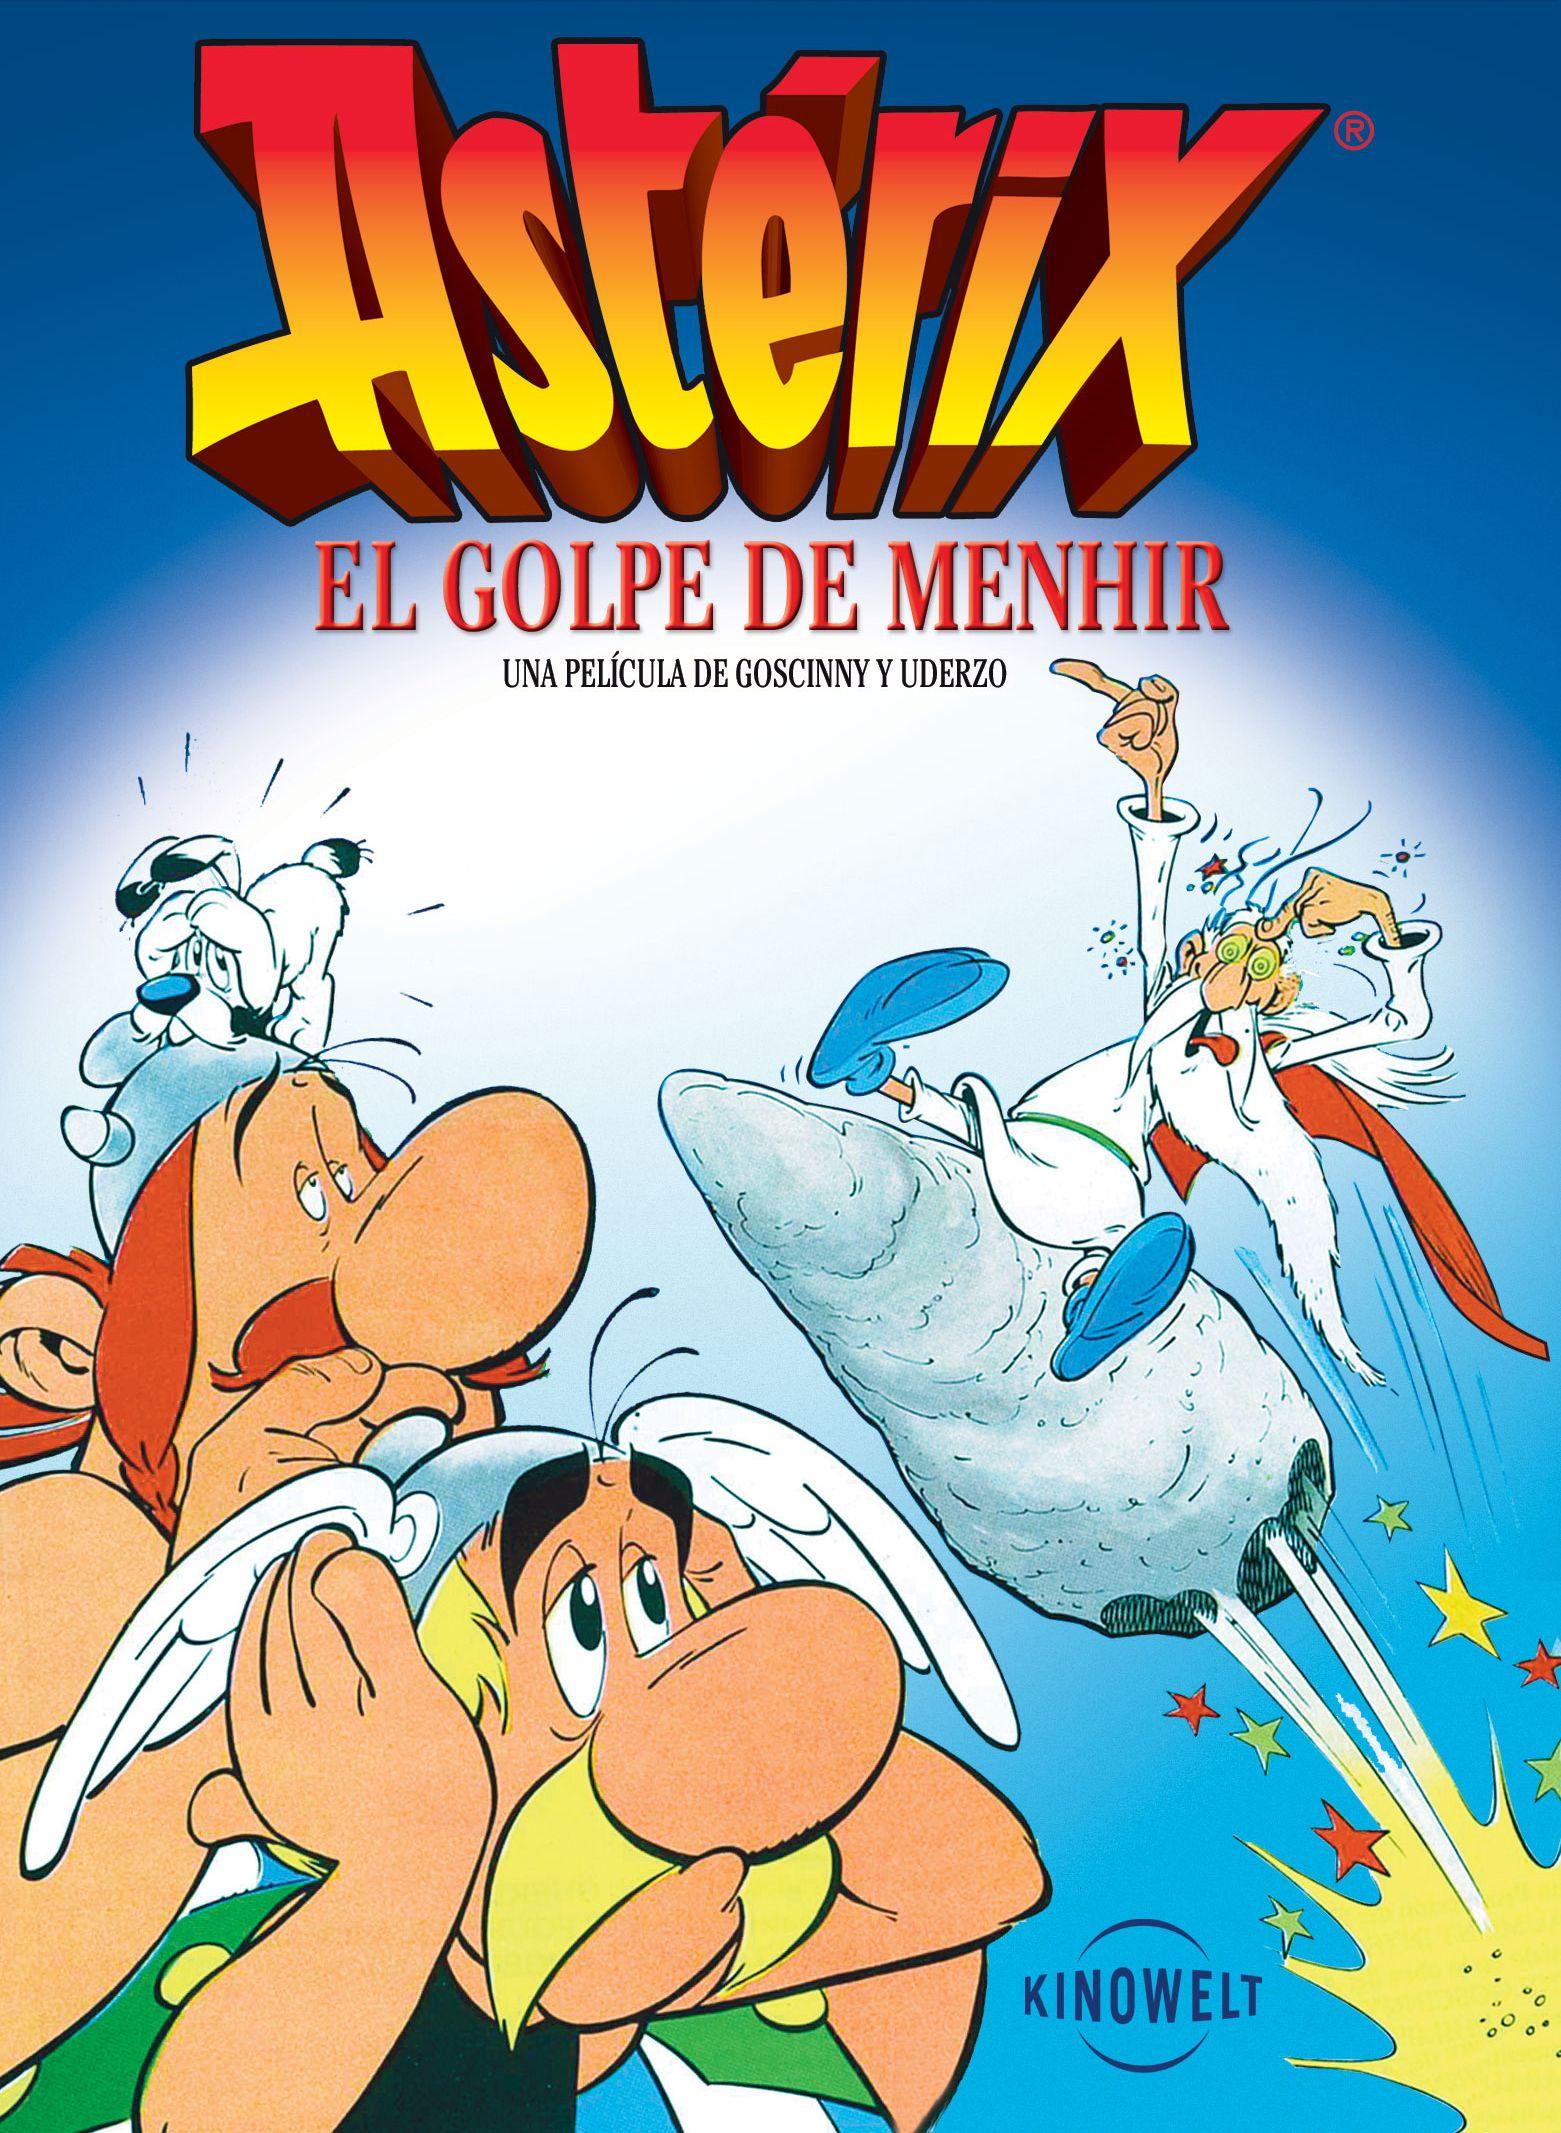 Resultado de imagen de asterix y obelix panoramix menhir